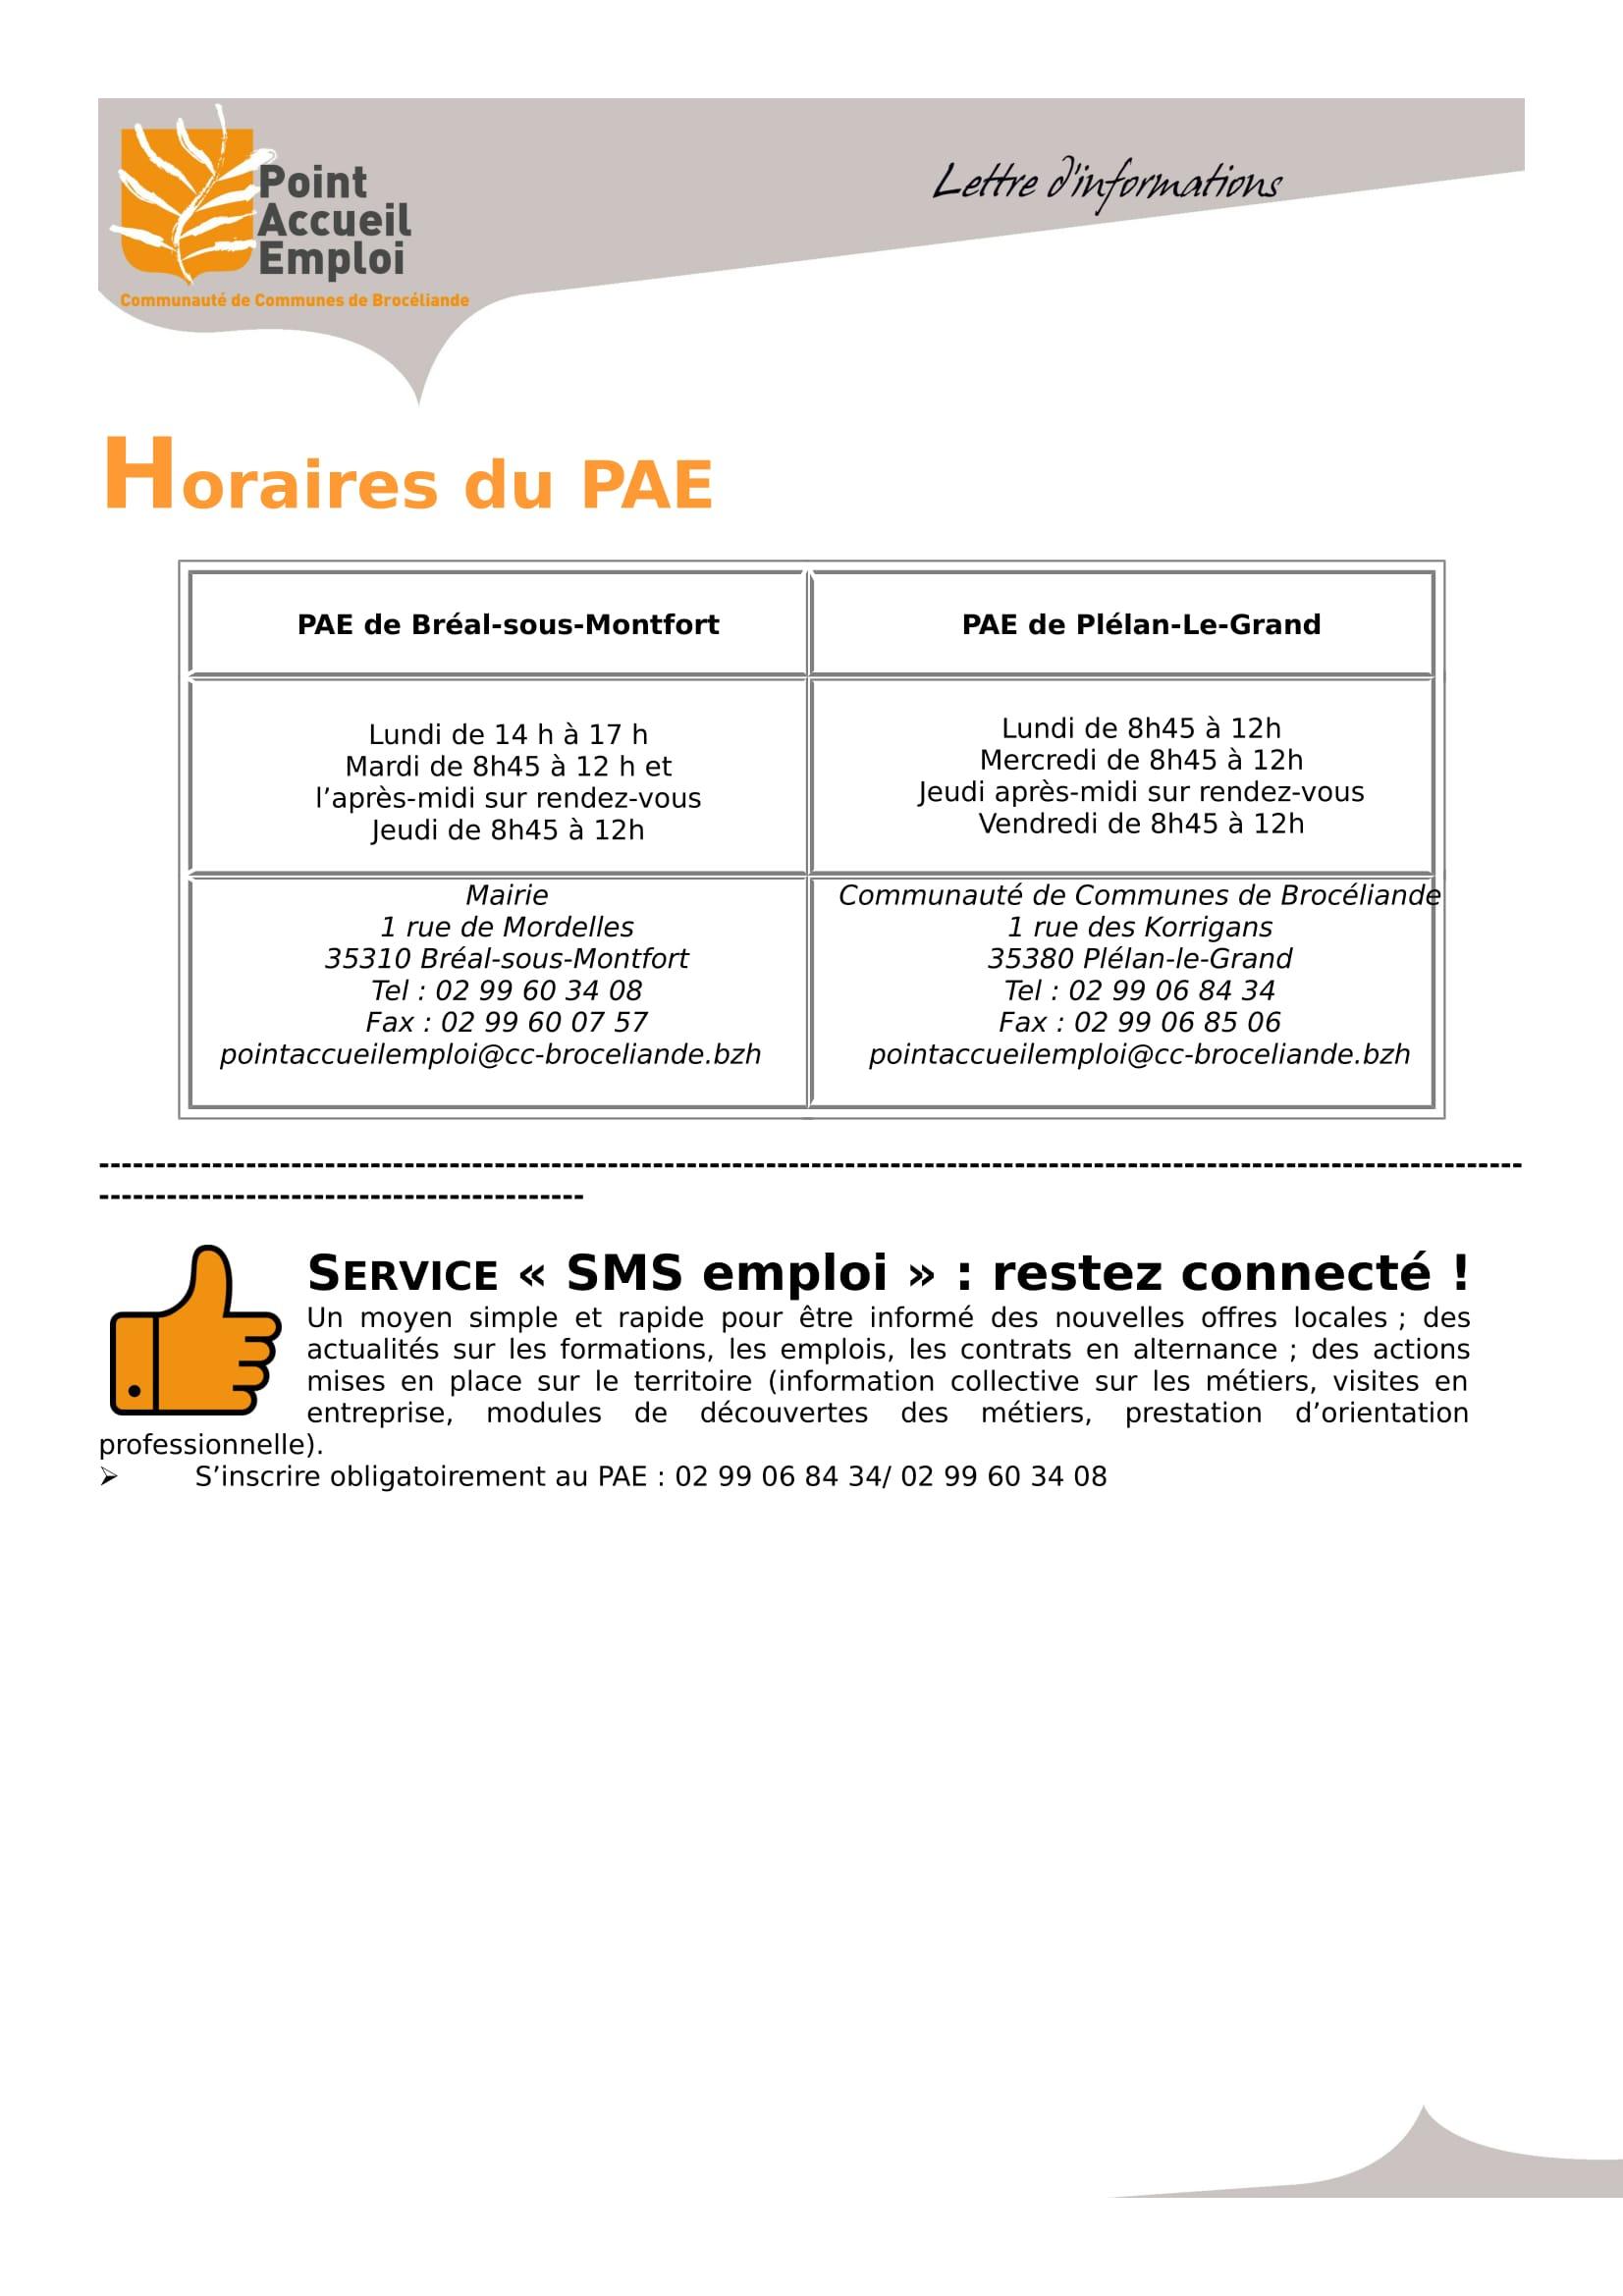 lettre-agenda-pae3